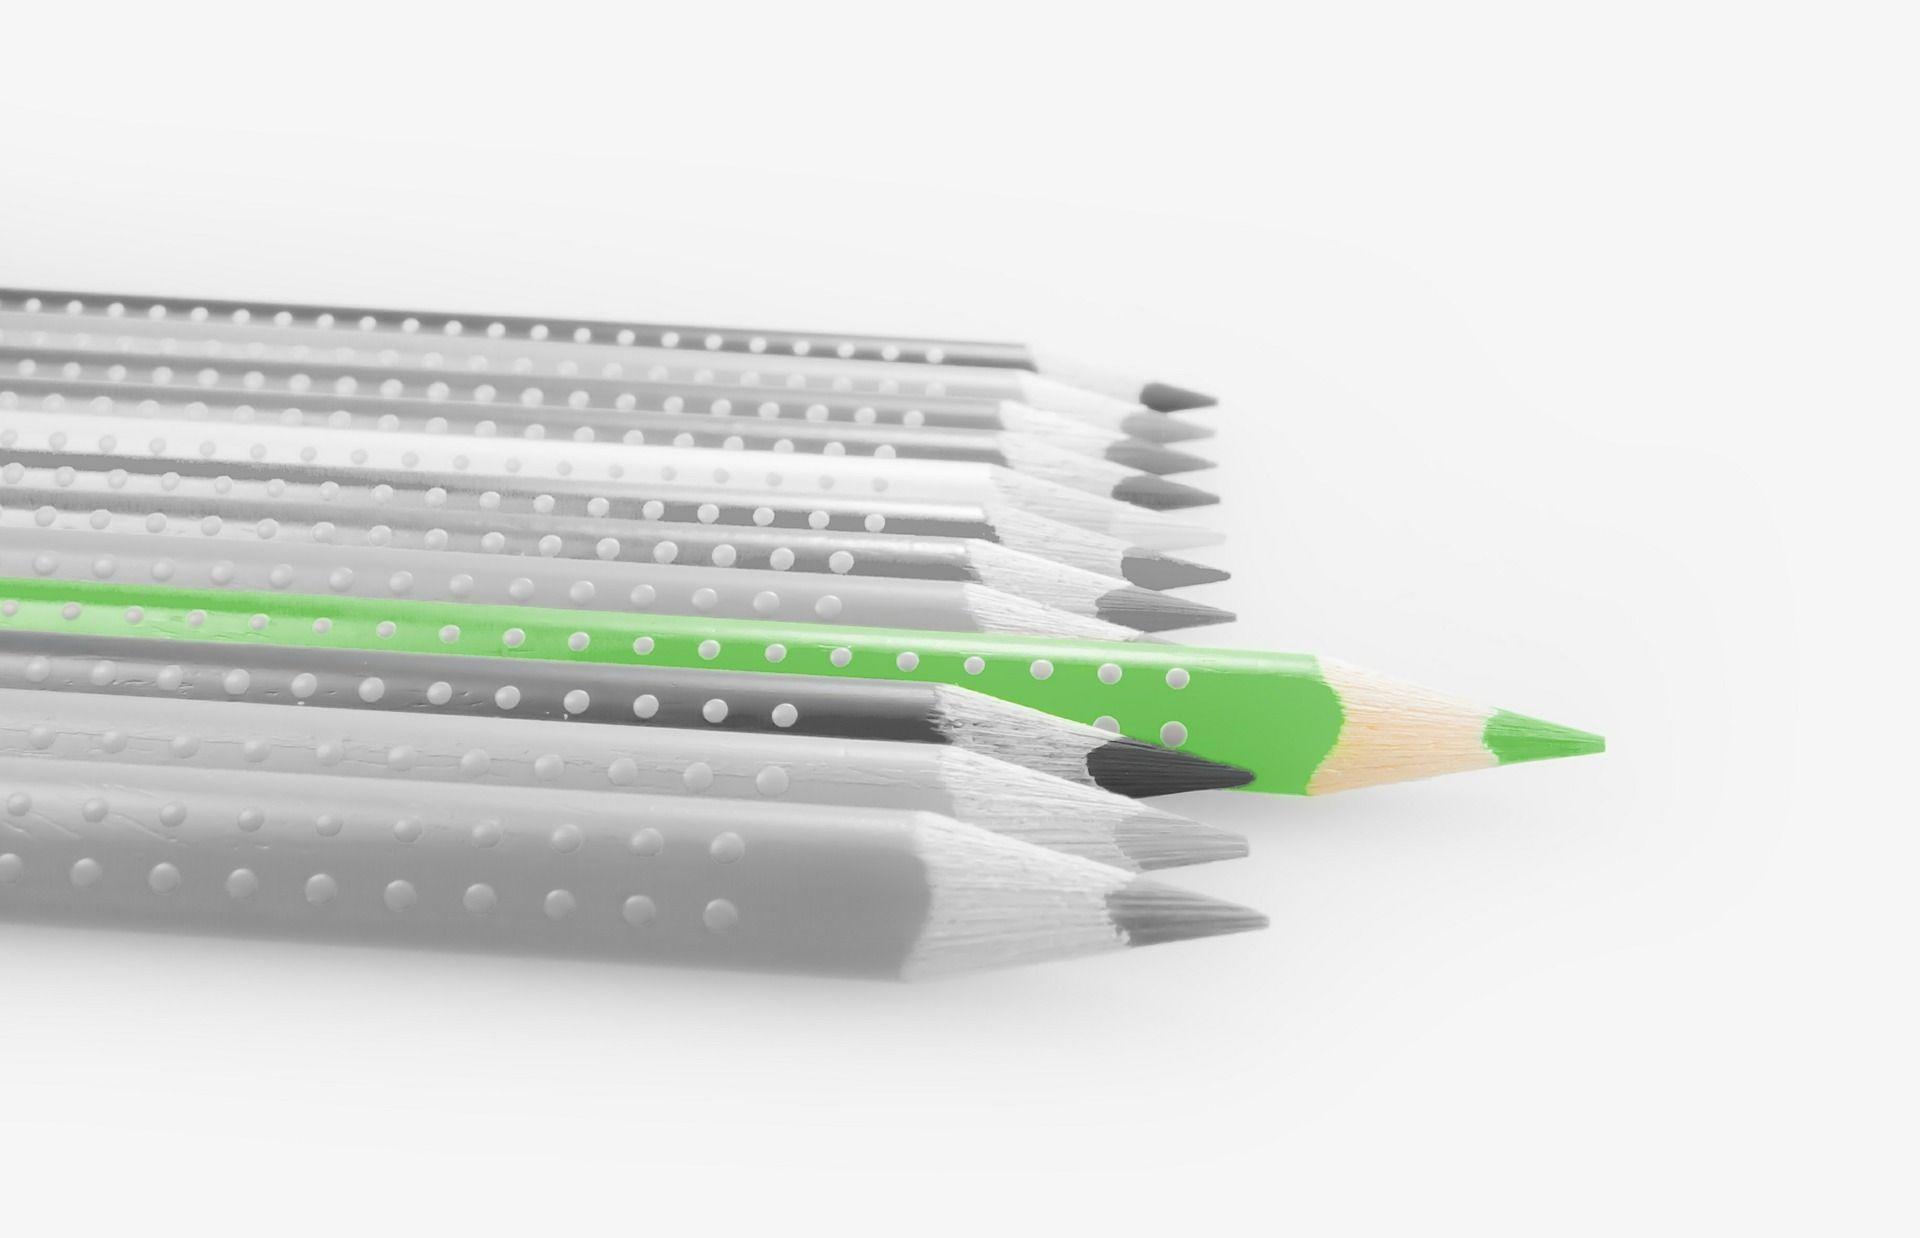 Metoda zielonego ołówka polega na zmianie techniki nauczania z tejopierającej się na podkreślaniu popełnionych przez dziecko błędów nakoncentrację i wyróżnianie najdoskonalszych elementów.  Zamiast podkreślać w zeszycie dziecka czerwonym długopisem popełnione błędy zaznacz zielonym kolorem to, co wyszło naprawdę dobrze. Jaka jest różnica pomiędzy tymi dwoma technikami? Używając czerwonego długopisu do zaznaczenia błędów koncentrujemy się …